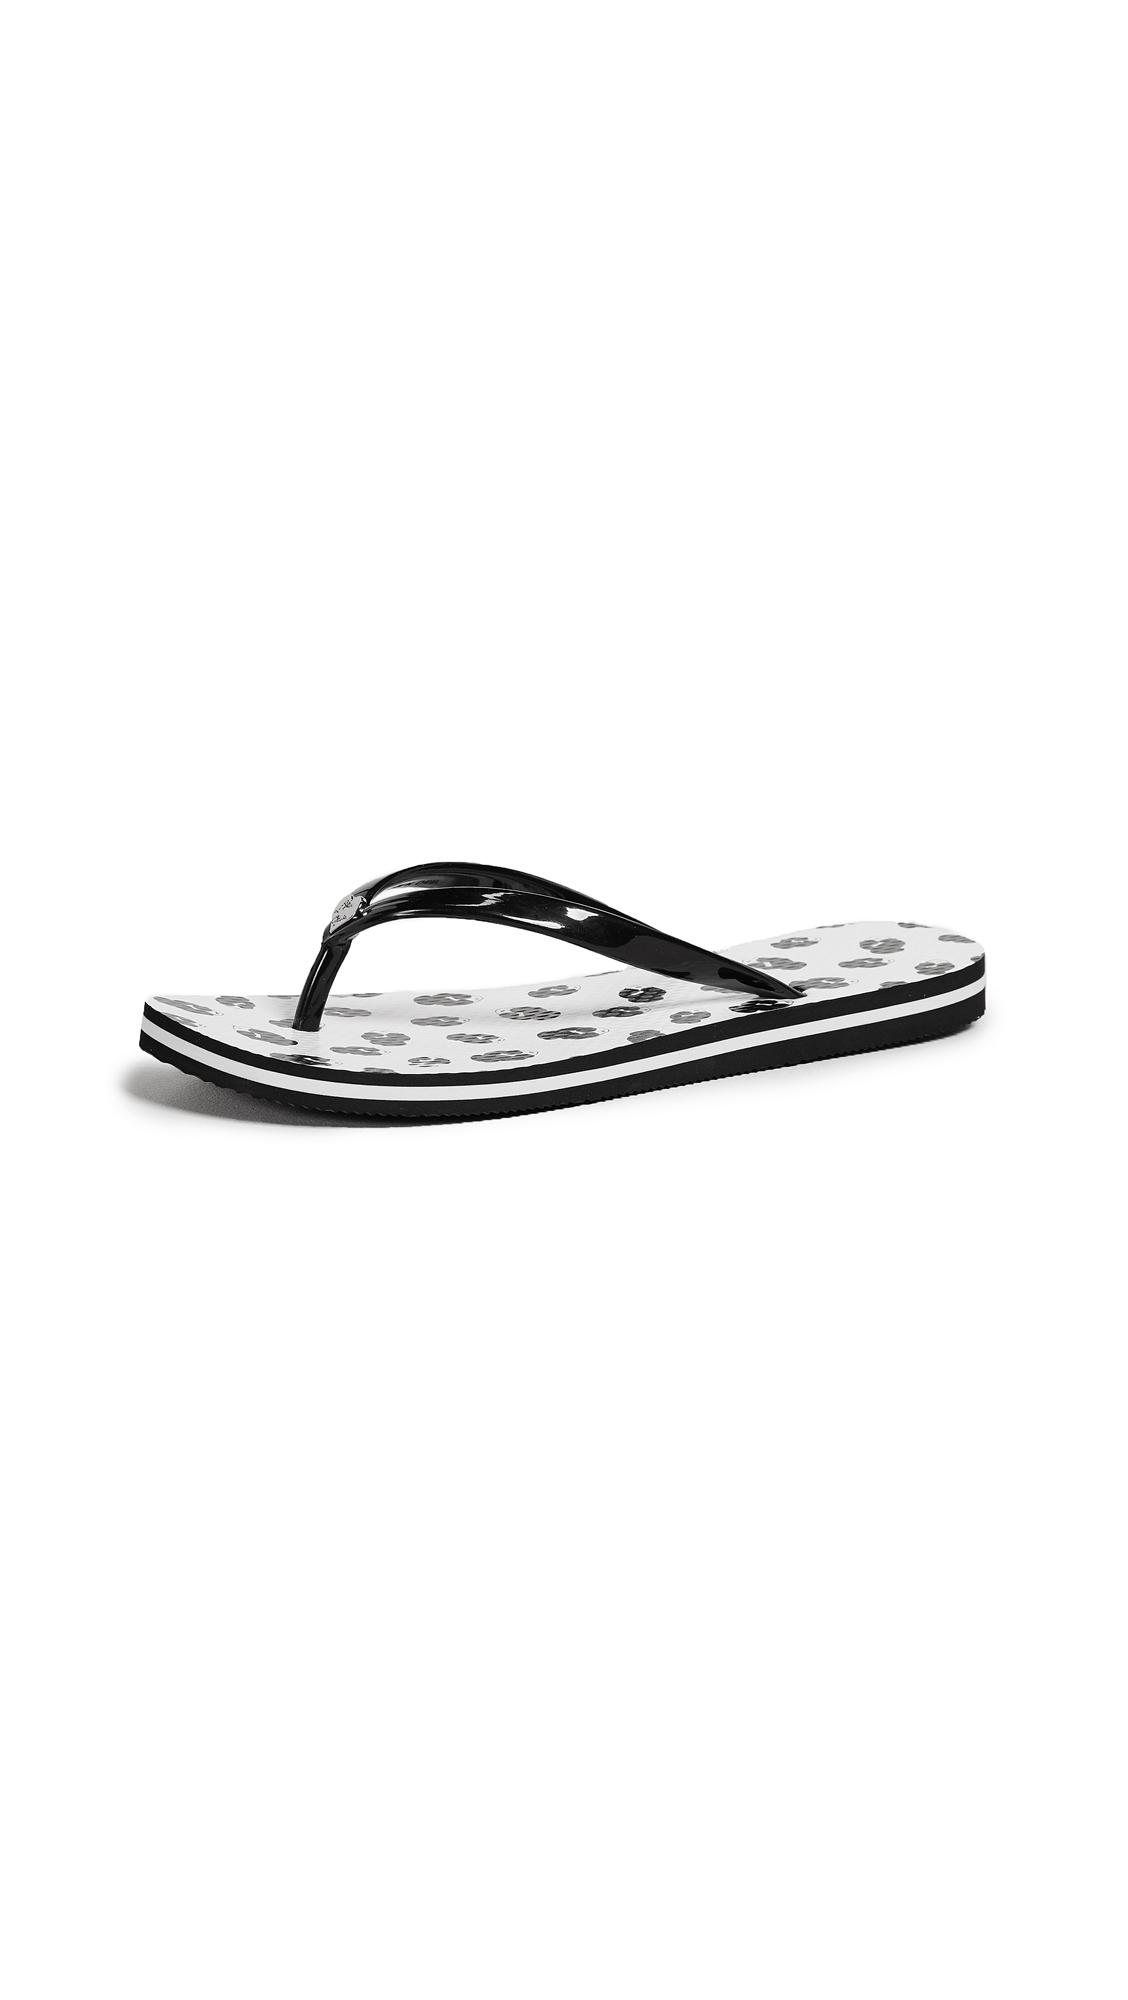 alice + olivia Eva Flip Flops - White/Black